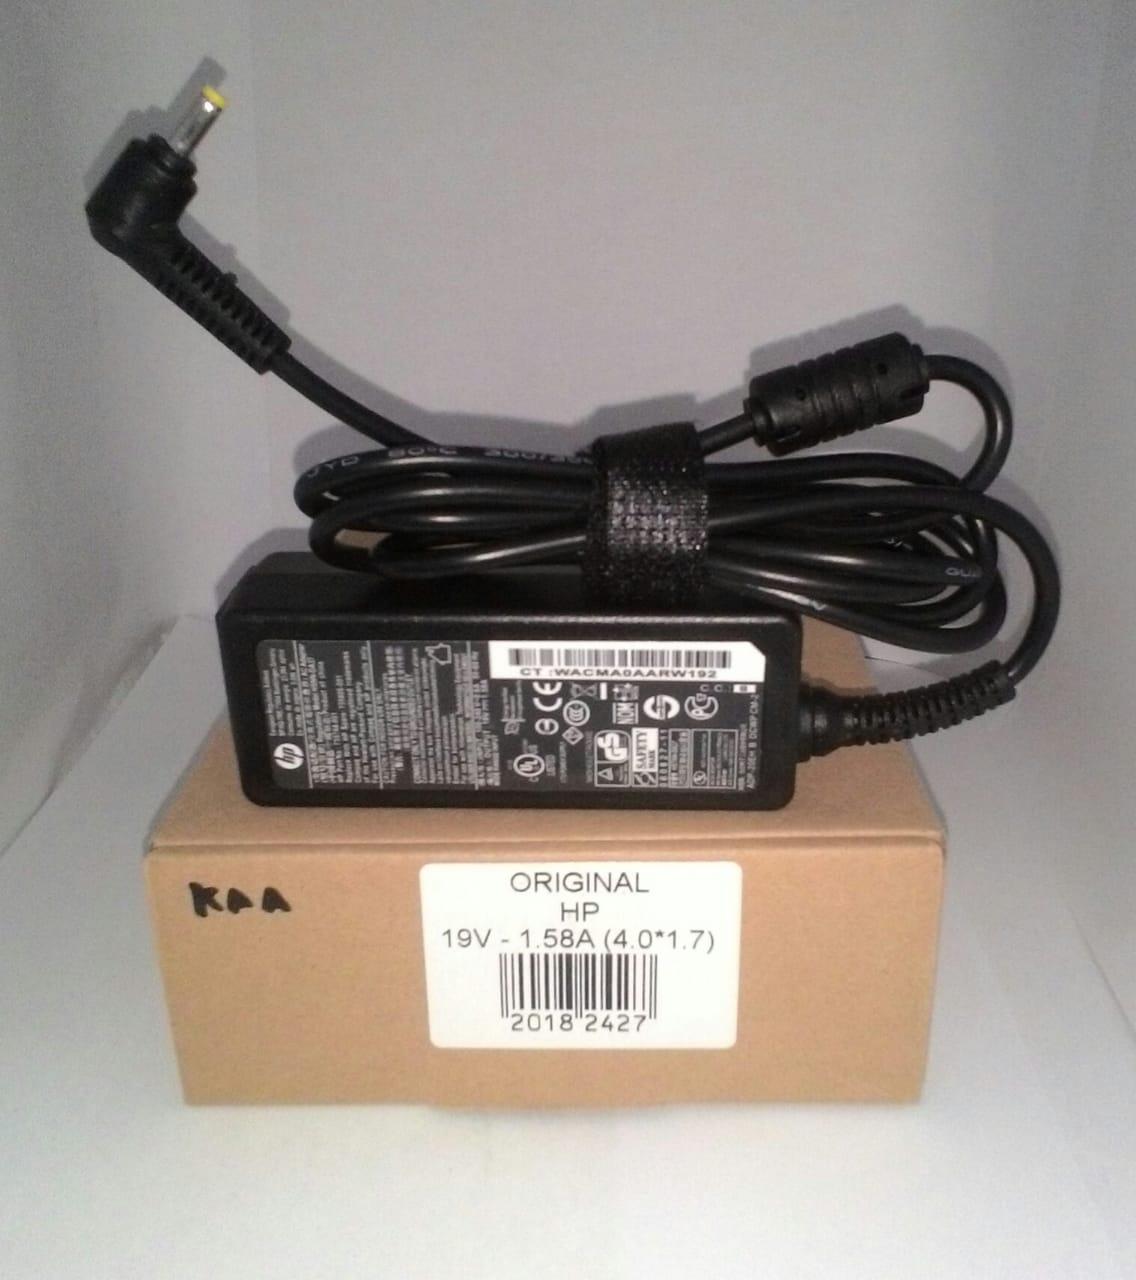 Adaptor Hp Mini 19v 1 58a Original